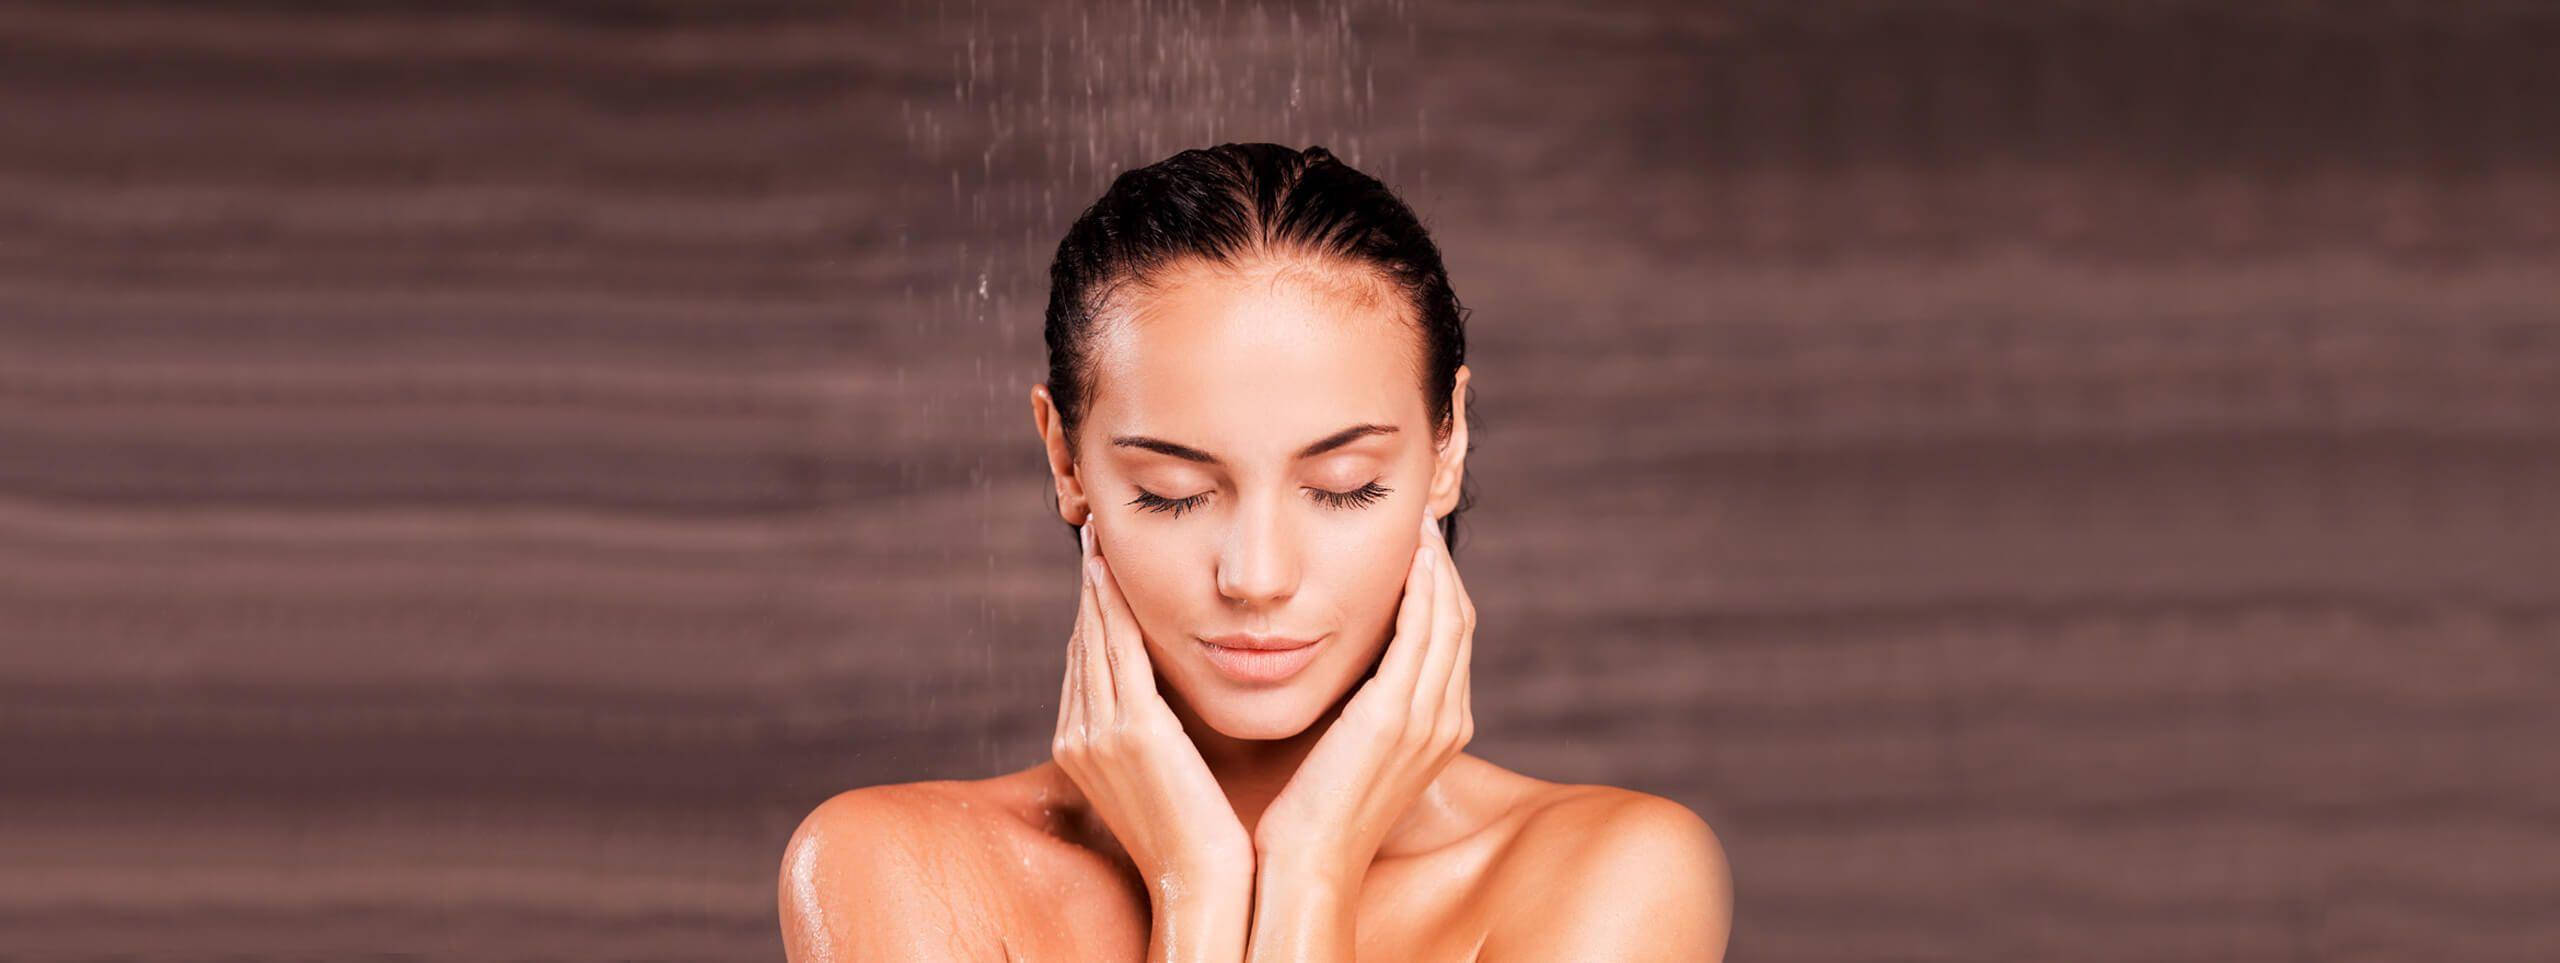 Femme brune sous sa douche